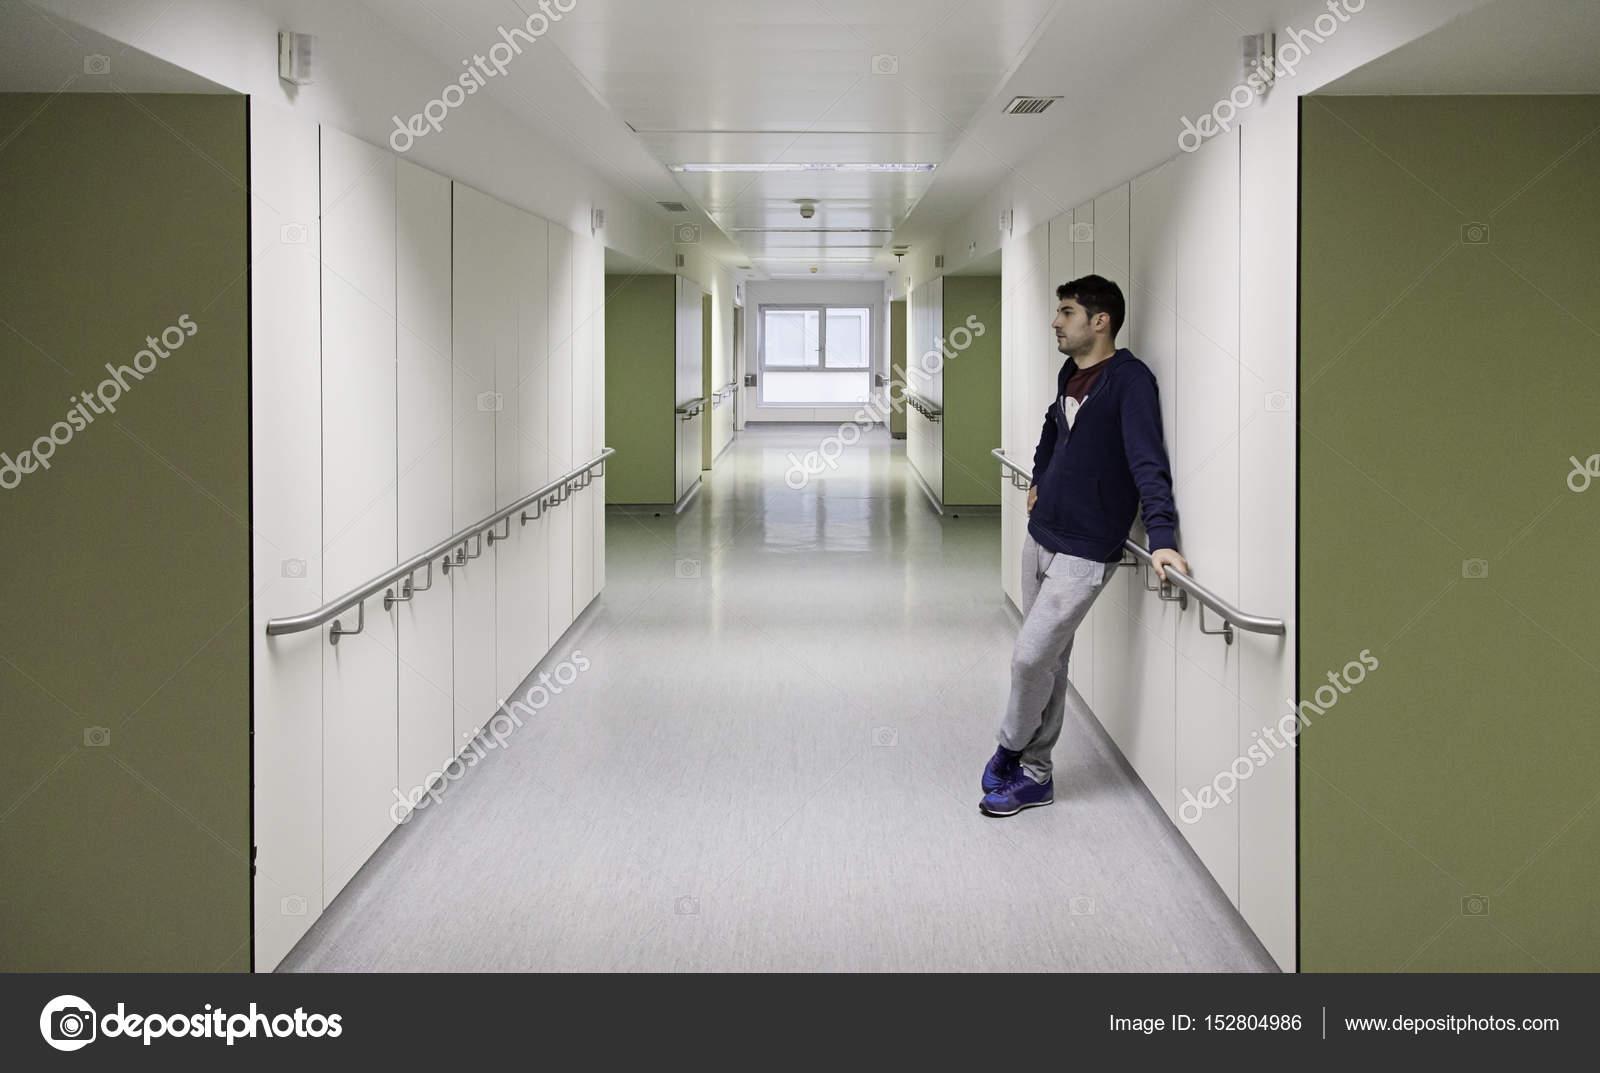 Interieur gang ziekenhuis u stockfoto celiafoto